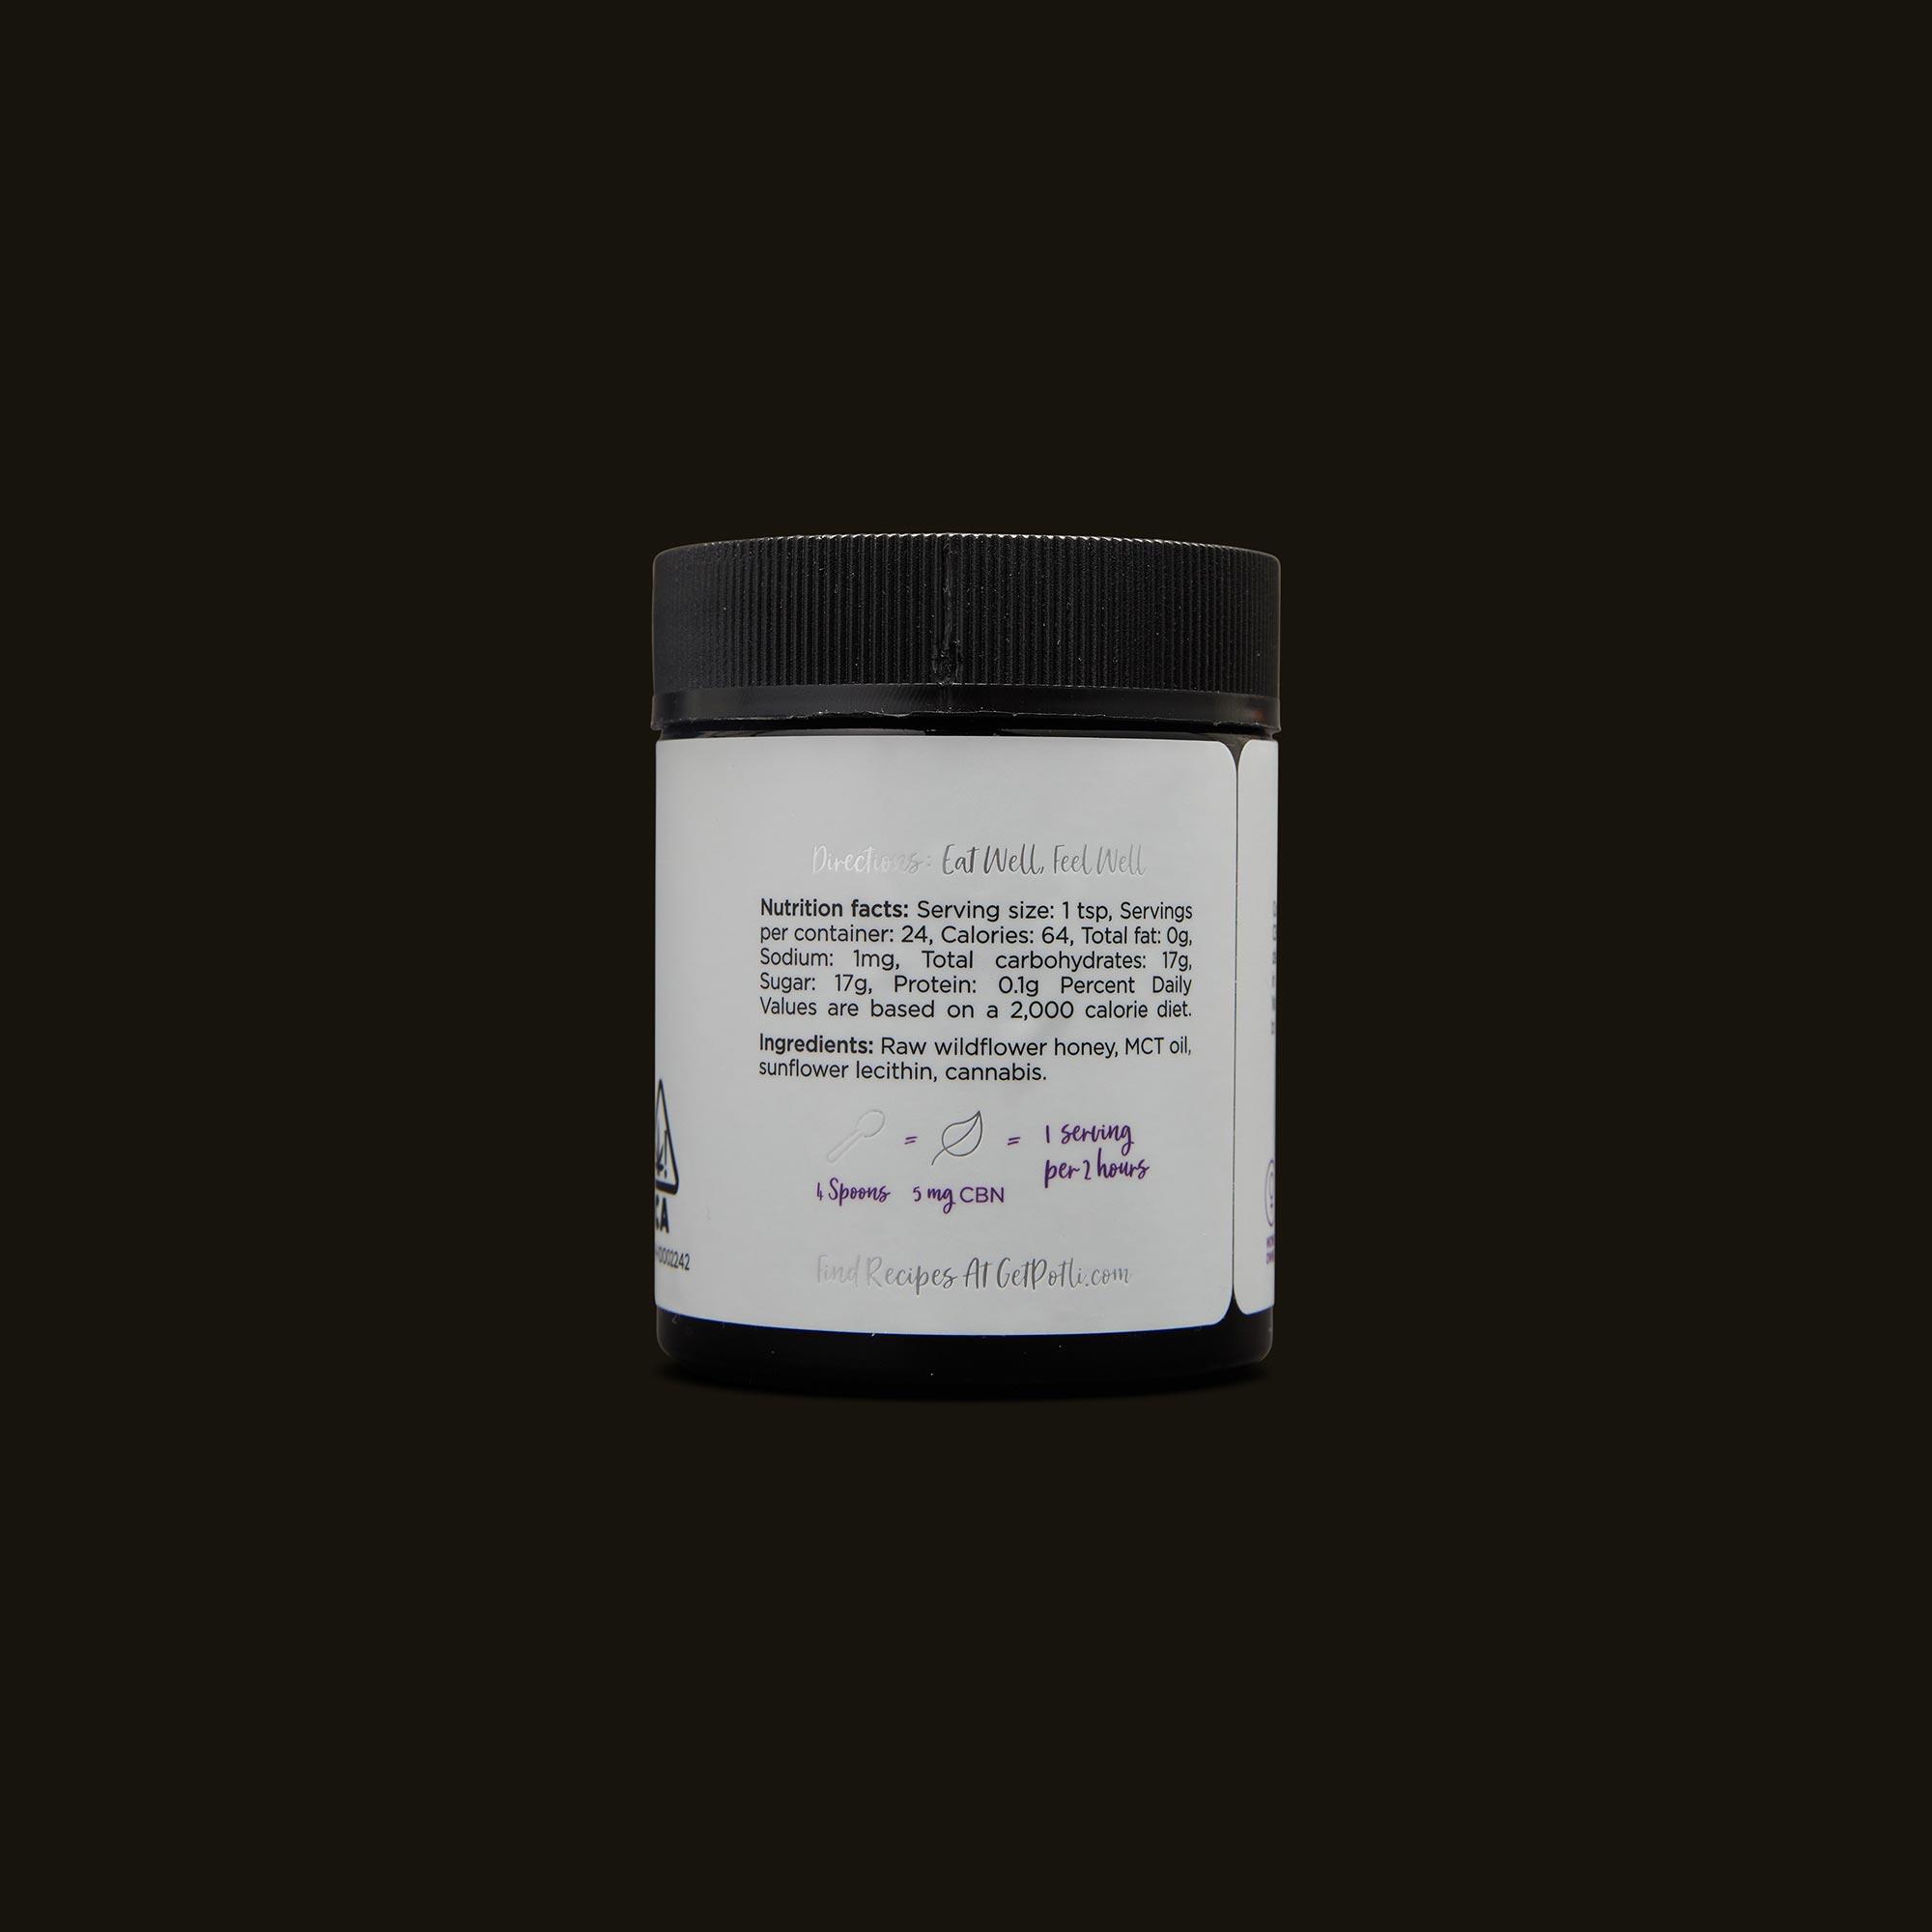 Potli Infused Dream Honey Ingredients